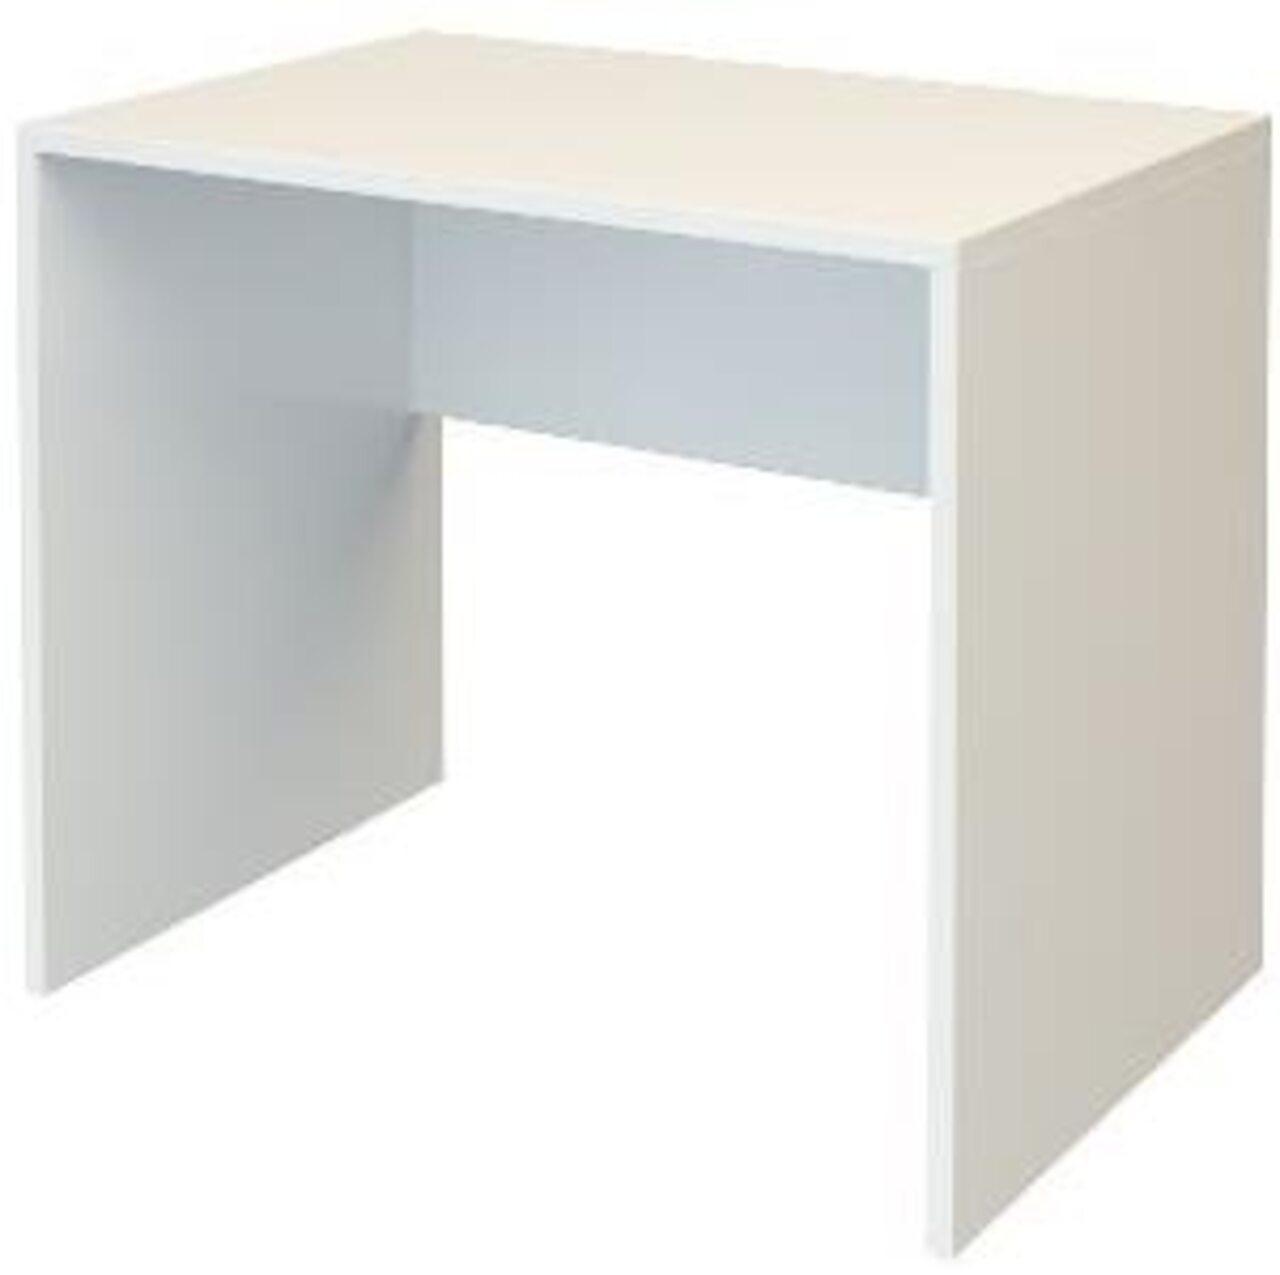 Стол рабочий  Арго 90x60x76 - фото 1